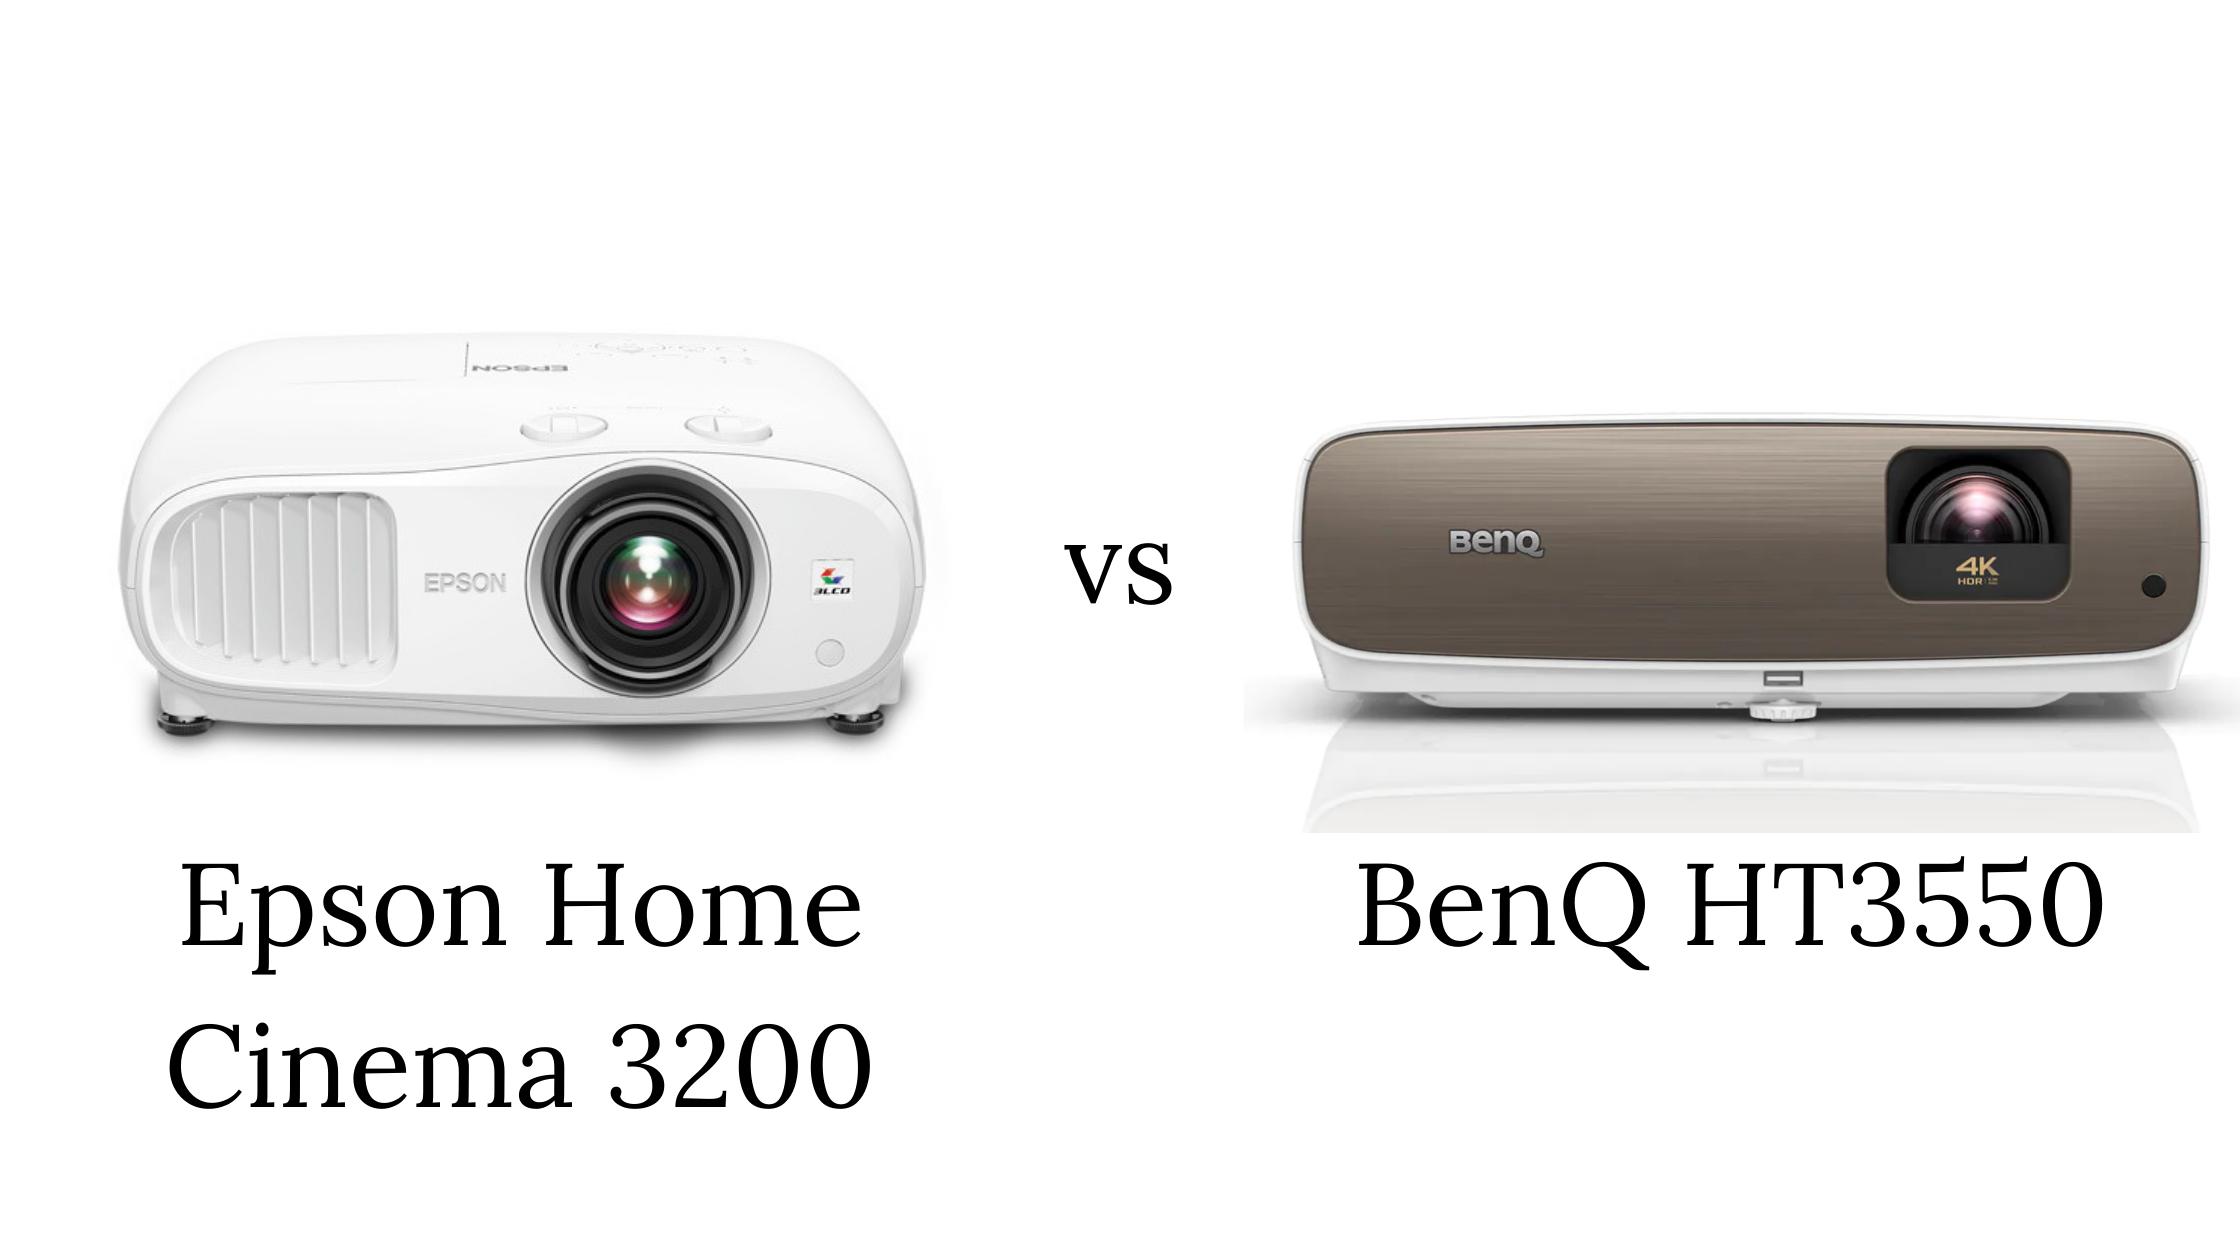 Epson 3200 vs BenQ HT3550